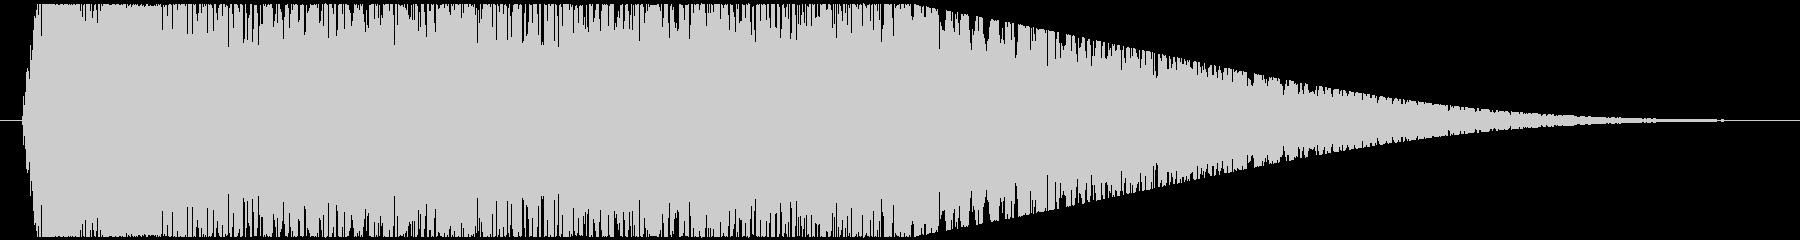 神秘的で透明感のあるアクセント音9の未再生の波形